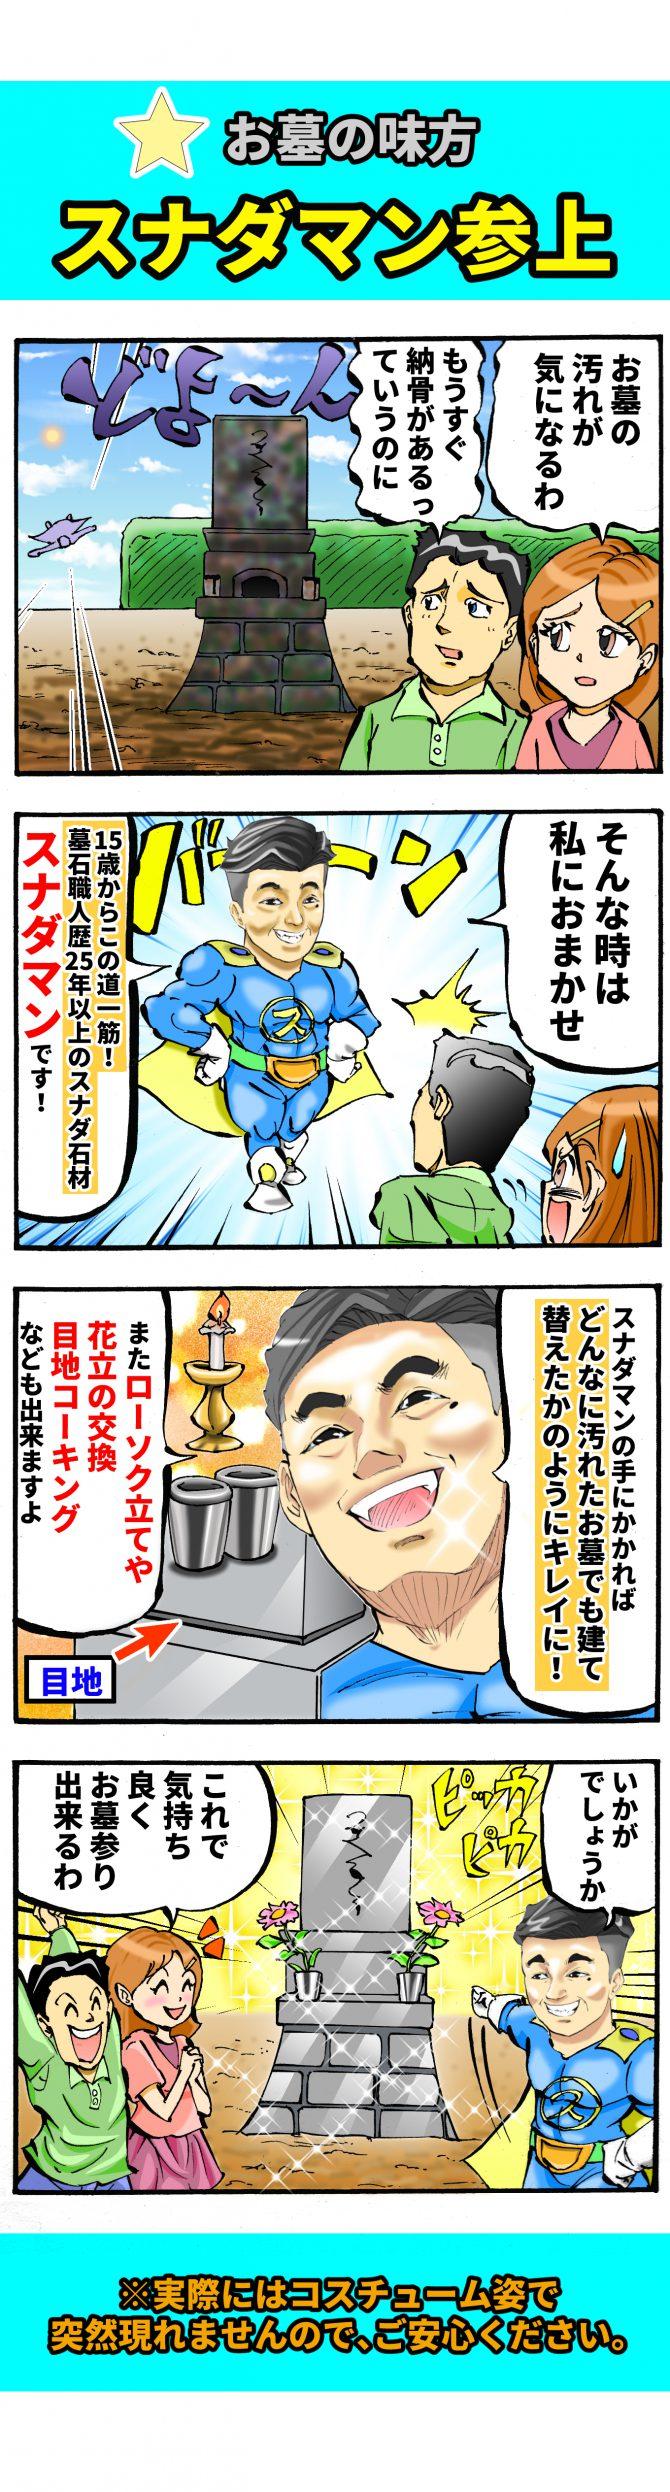 四コマ漫画,制作実績